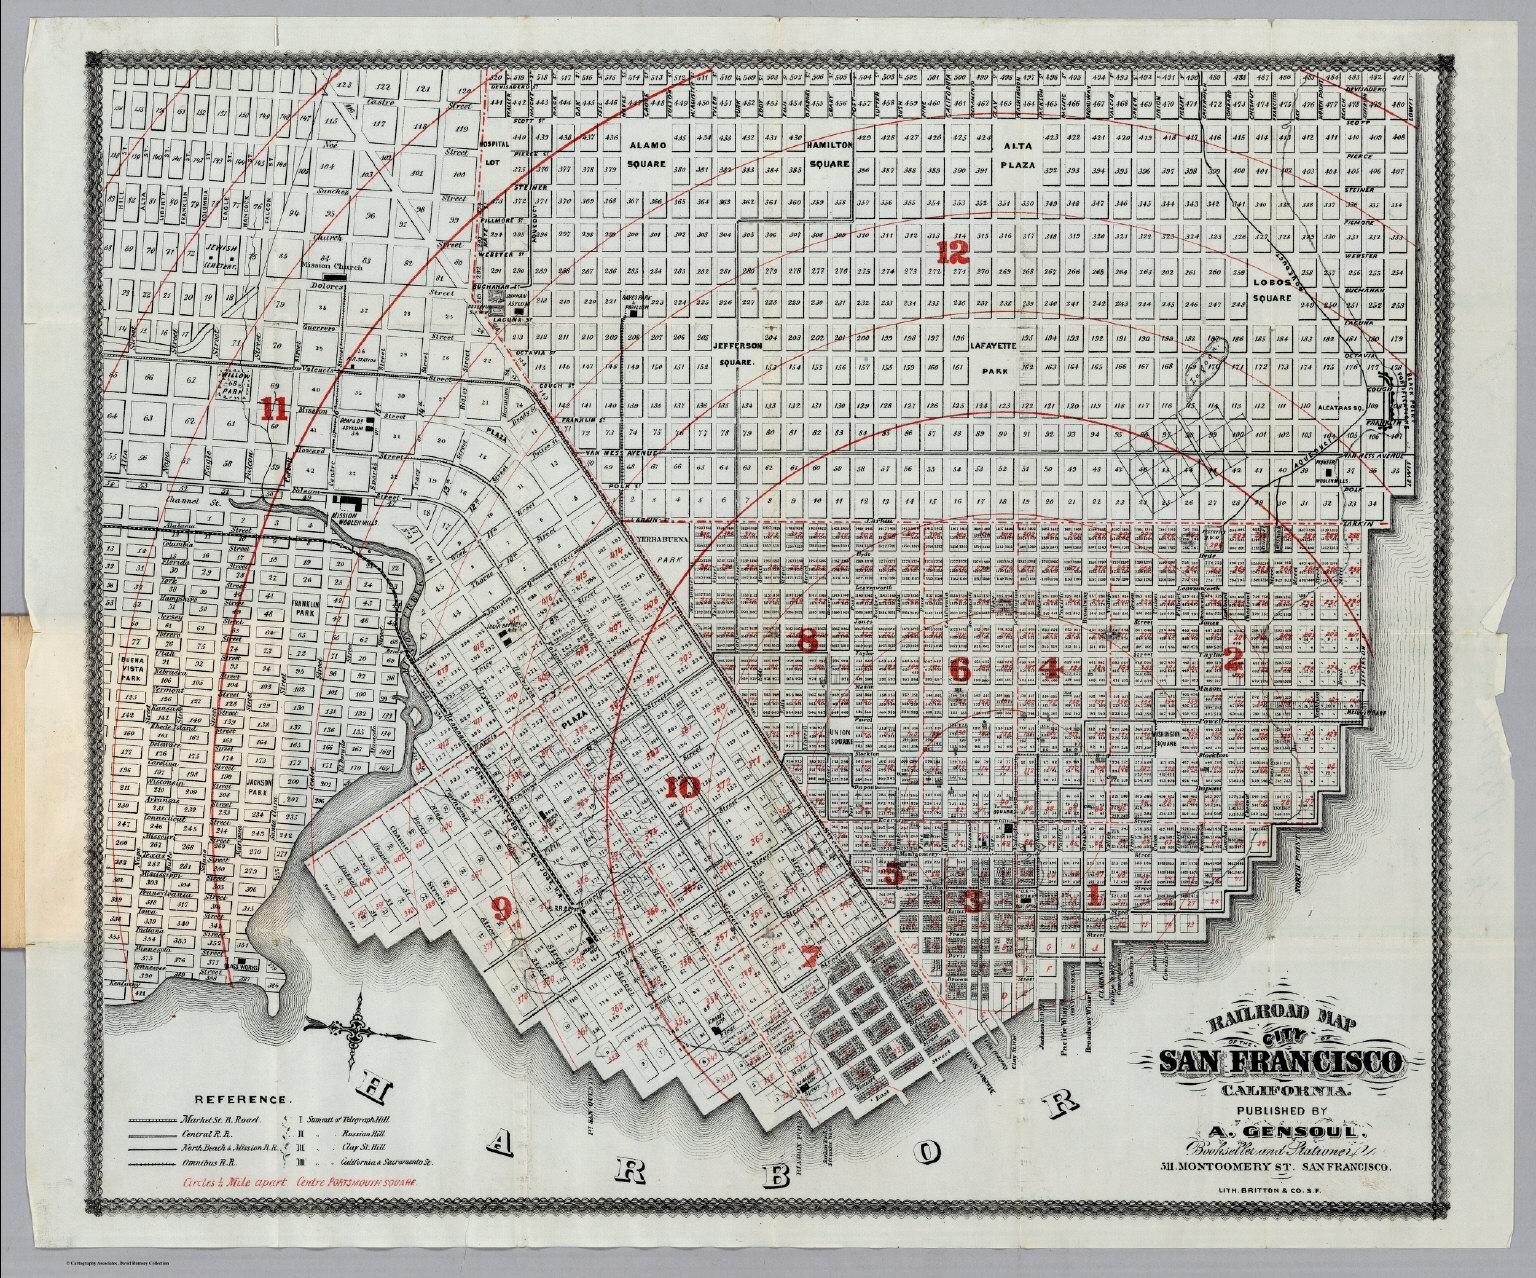 san francisco map 1900 City Of San Francisco California David Rumsey Historical Map